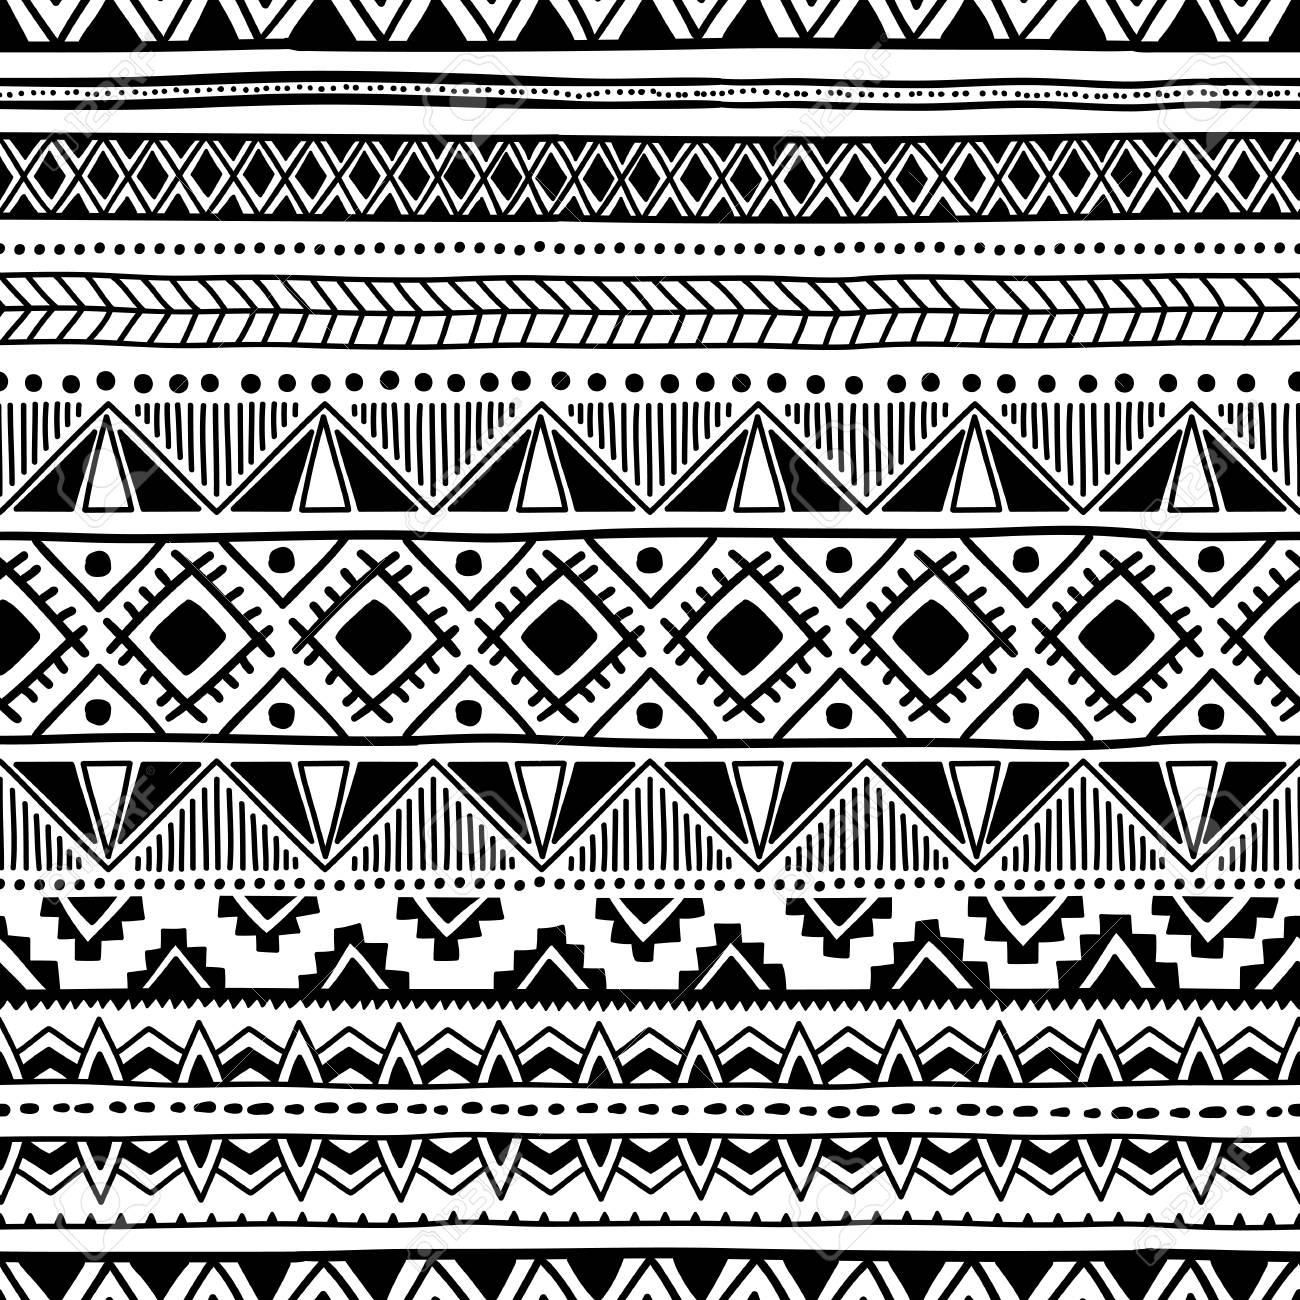 Motif Ethnique Seamless Ornement Géométrique Noir Et Blanc Imprimer Pour Votre Textile Fait Main Vector Illustration